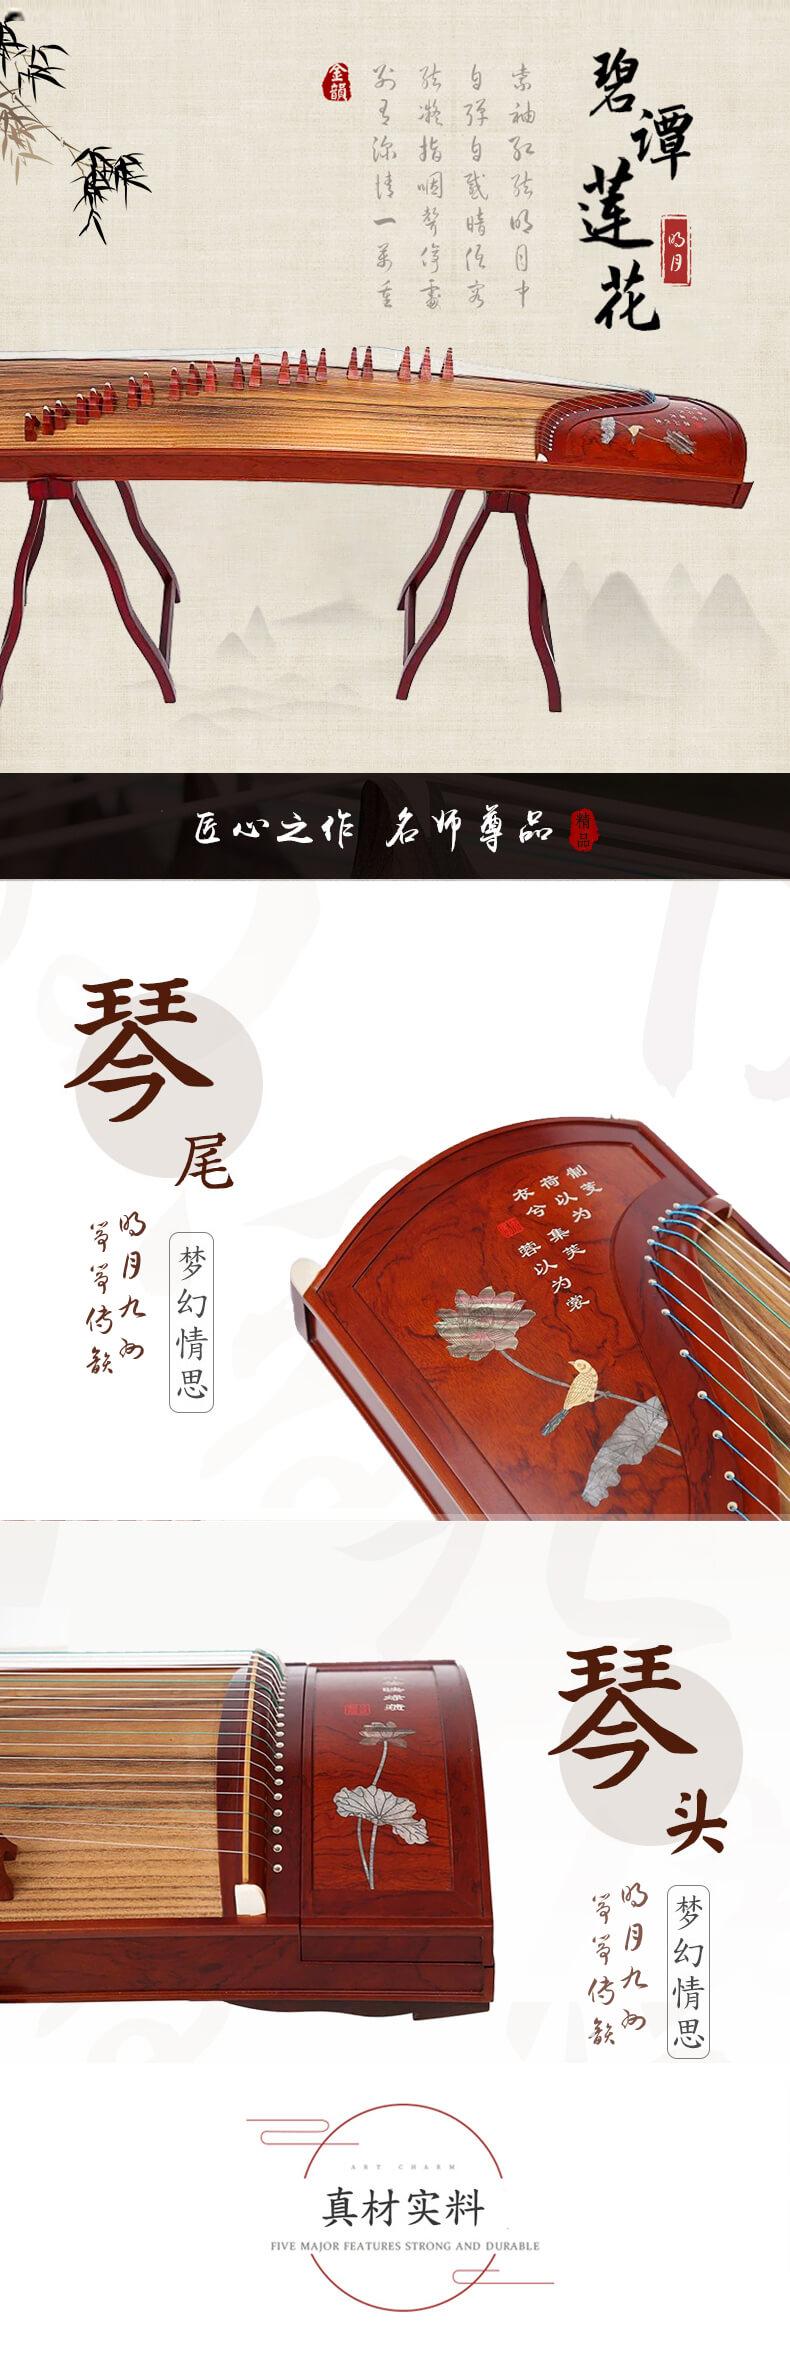 古箏_01.jpg